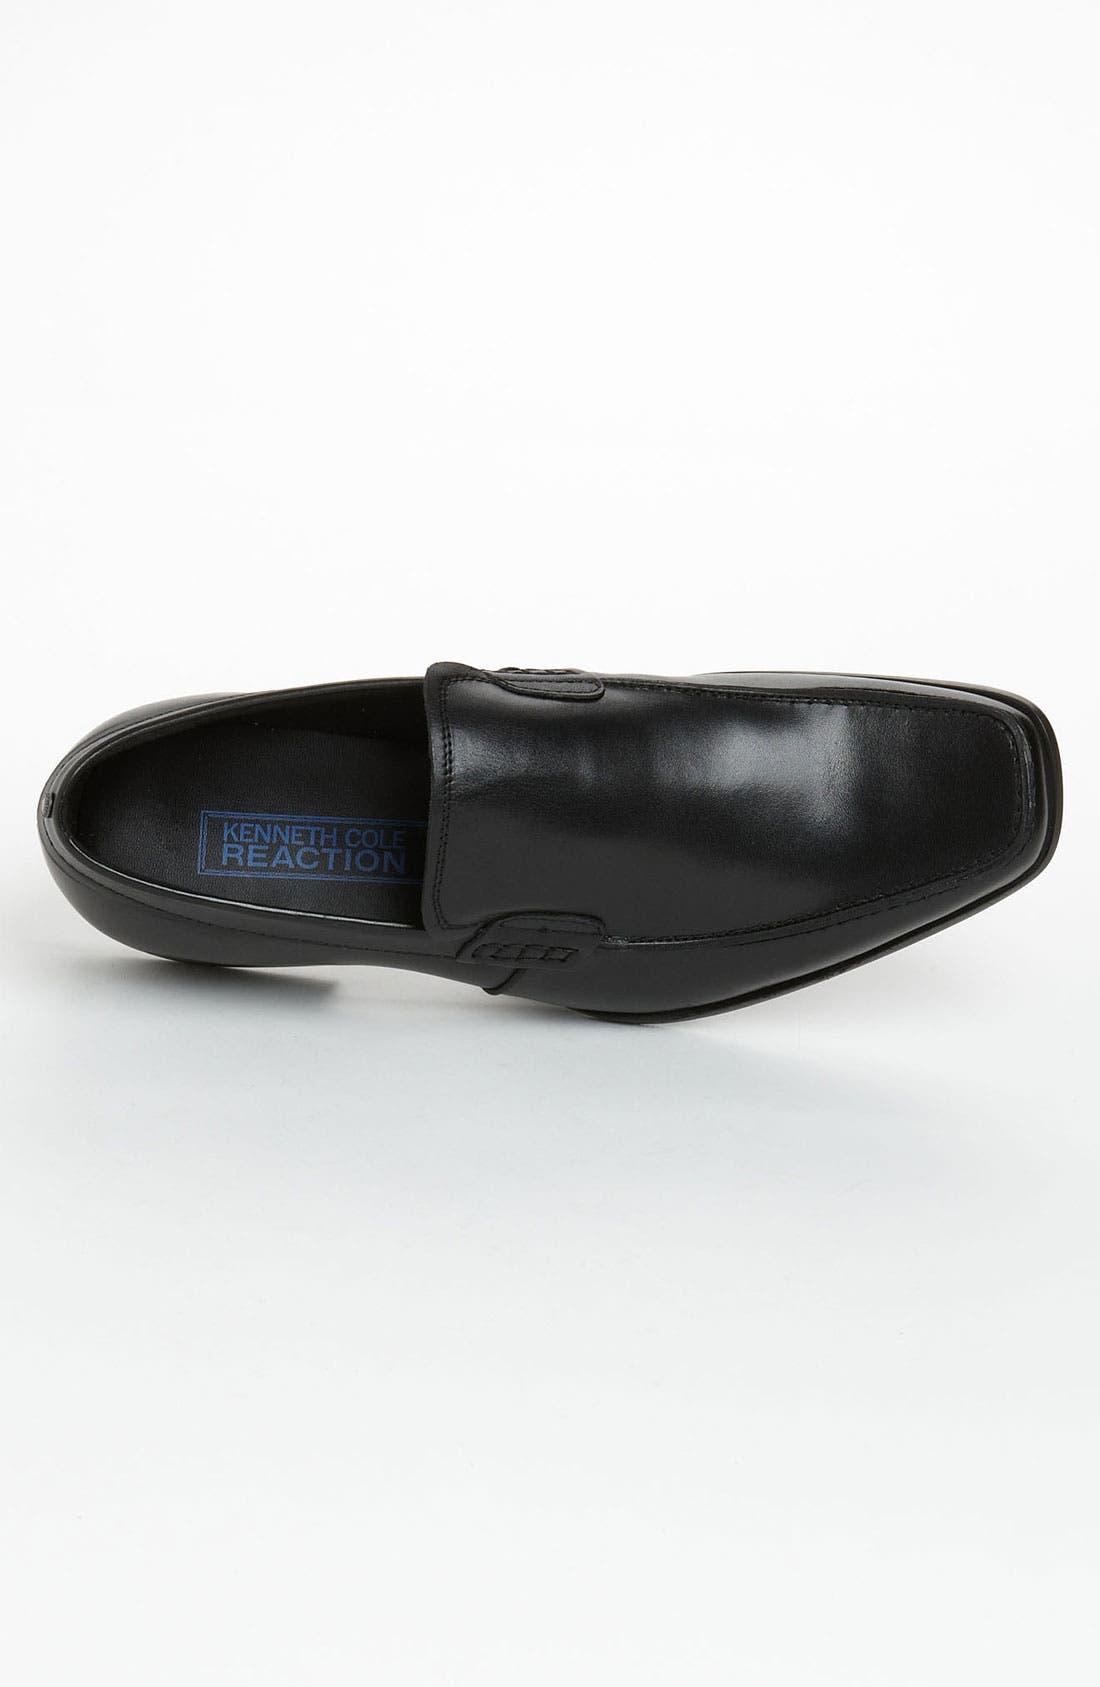 Alternate Image 3  - Kenneth Cole Reaction 'Foot Model' Loafer (Online Only)